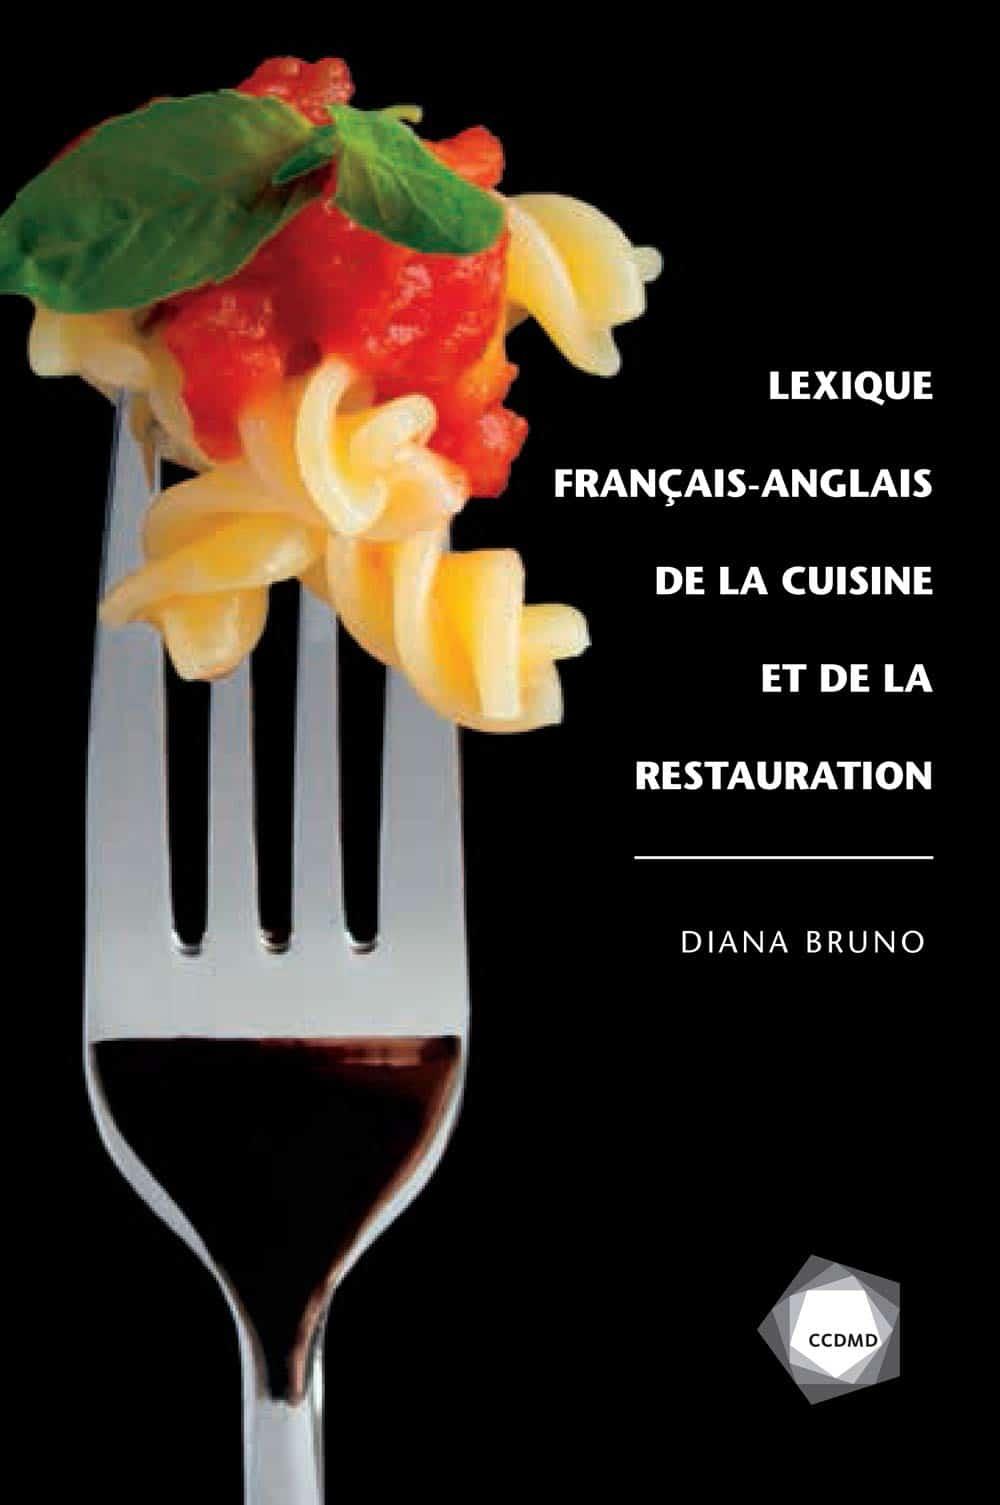 Couverture du livre Lexique français-anglais de la cuisine et de la restauration